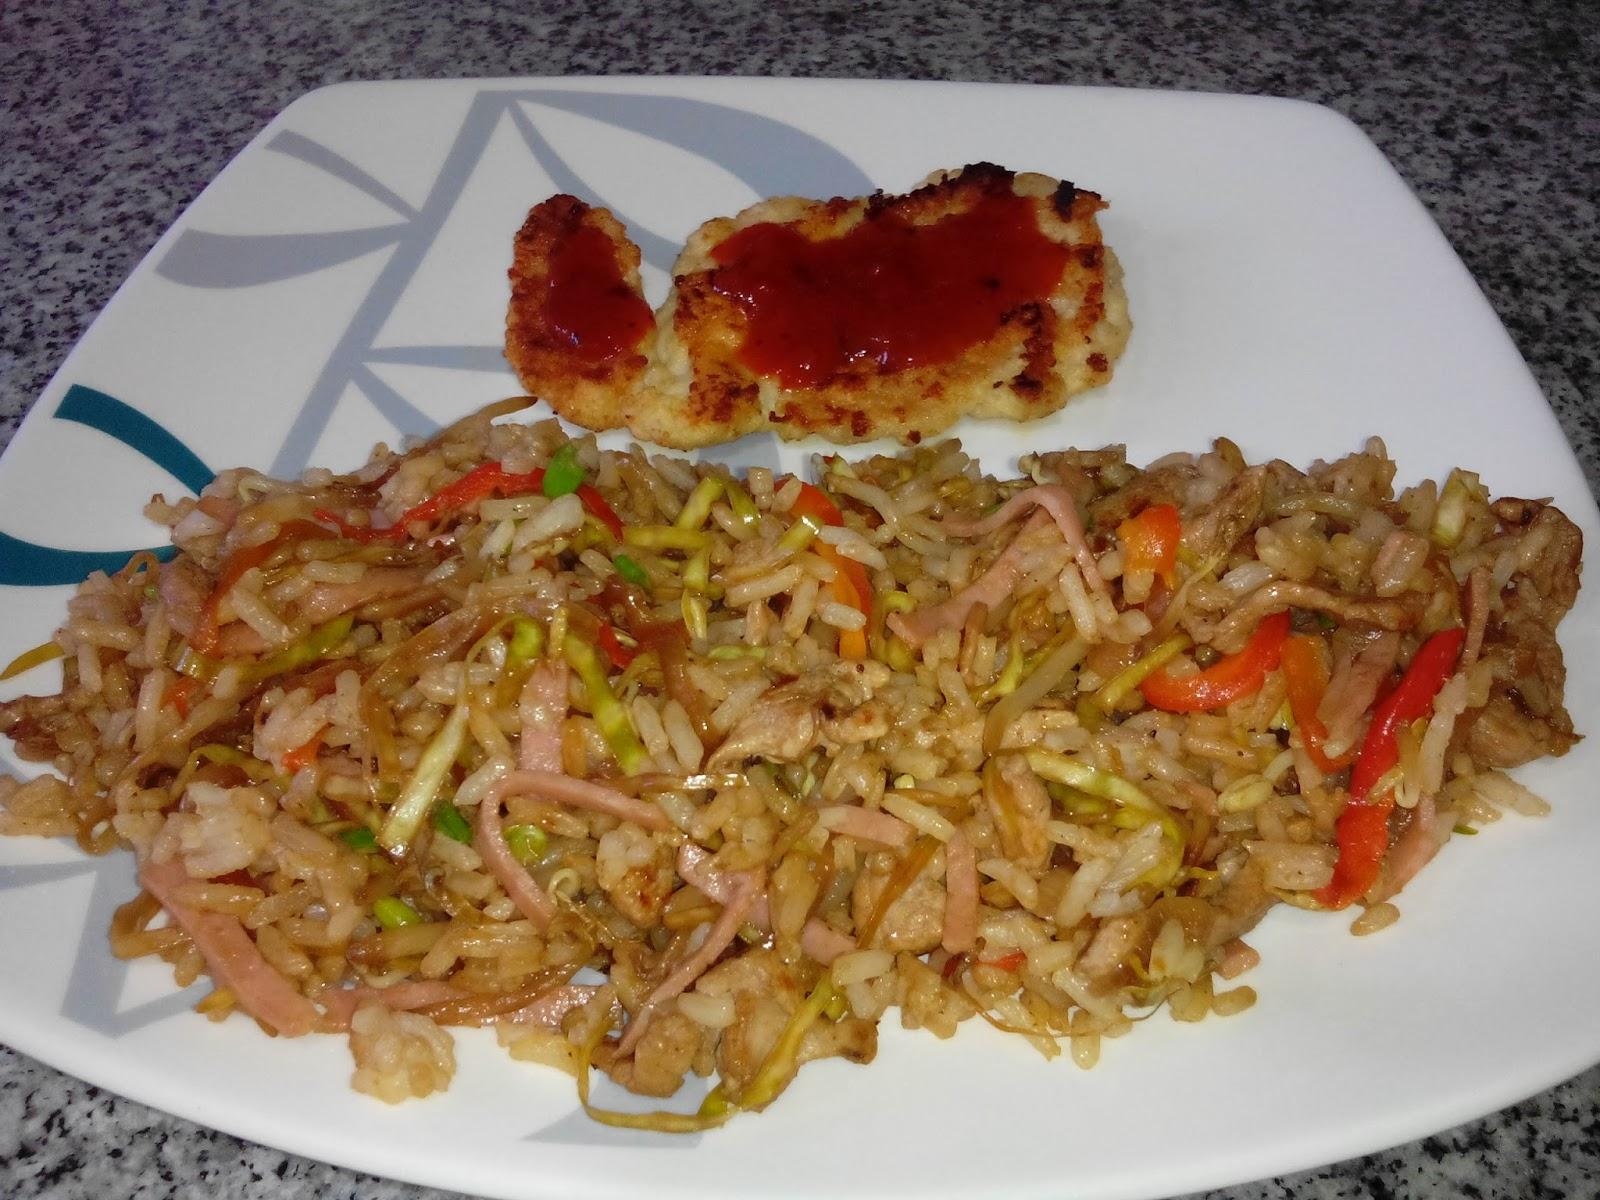 Caseros de la abuela arroz chino casero - Comida vegetariana facil de preparar ...